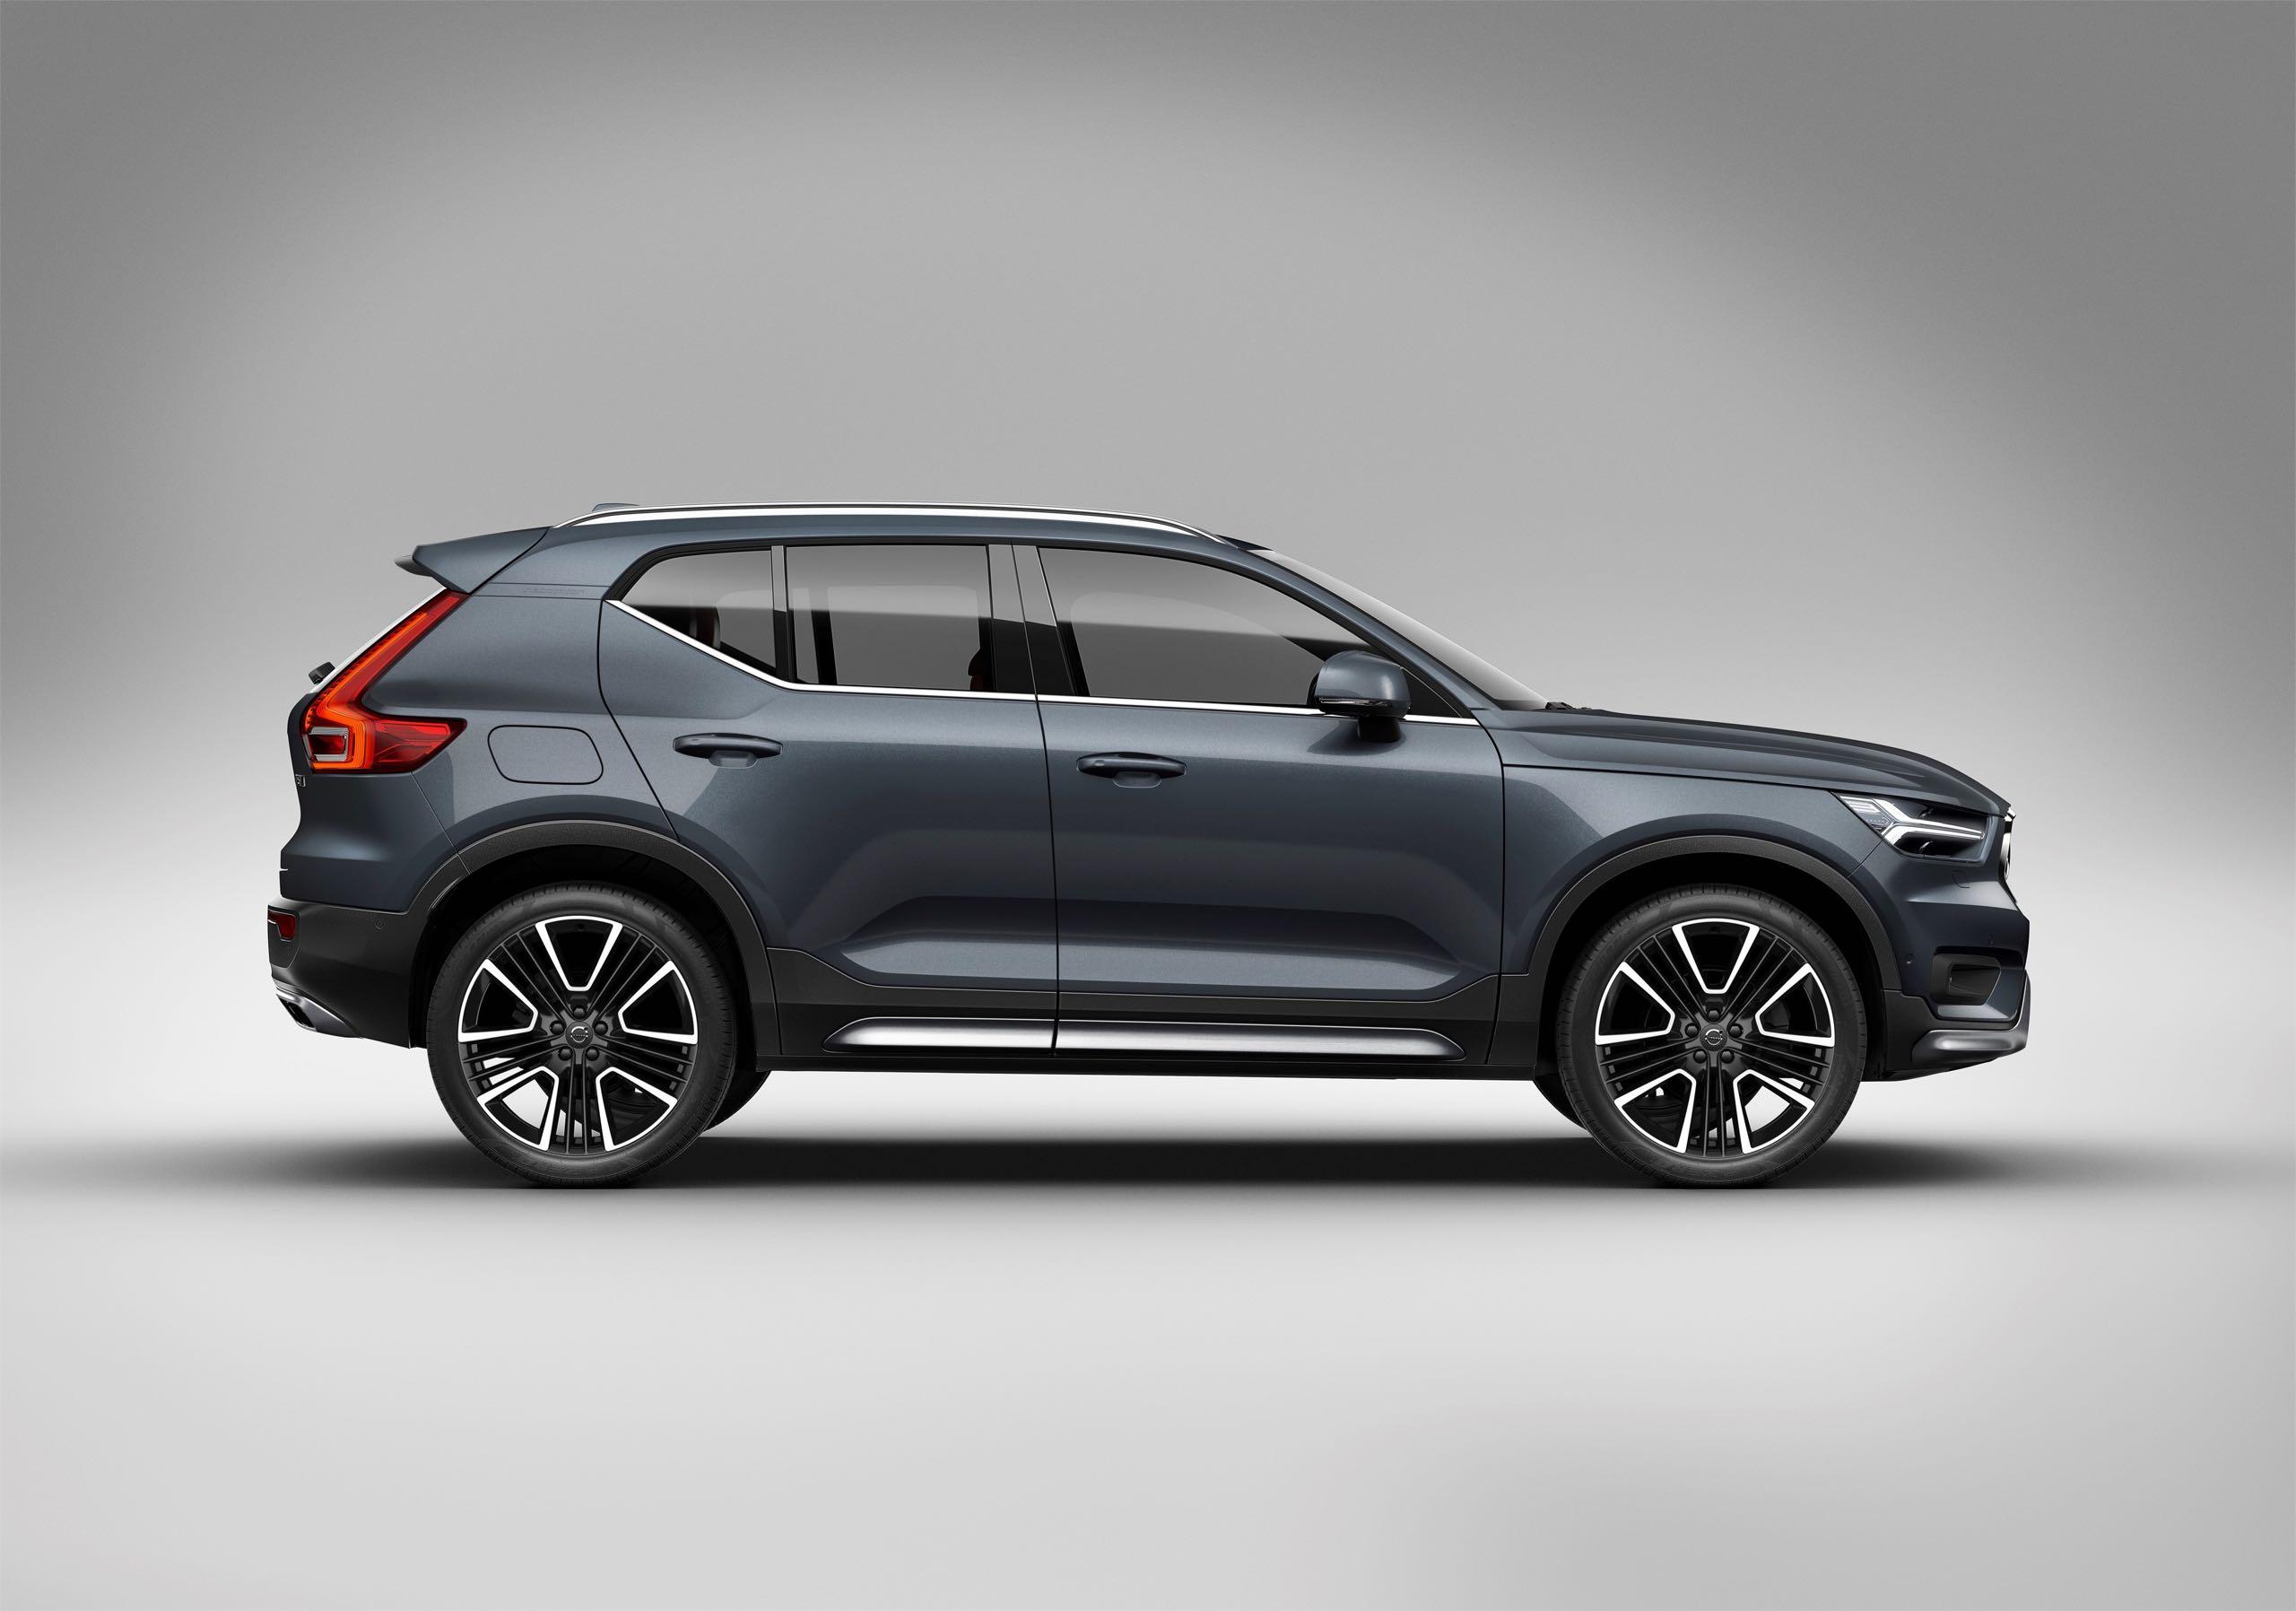 New Volvo XC40 Exterior -  2018, 2018 New XC40, Design, Exterior, Images, New XC40, Studio